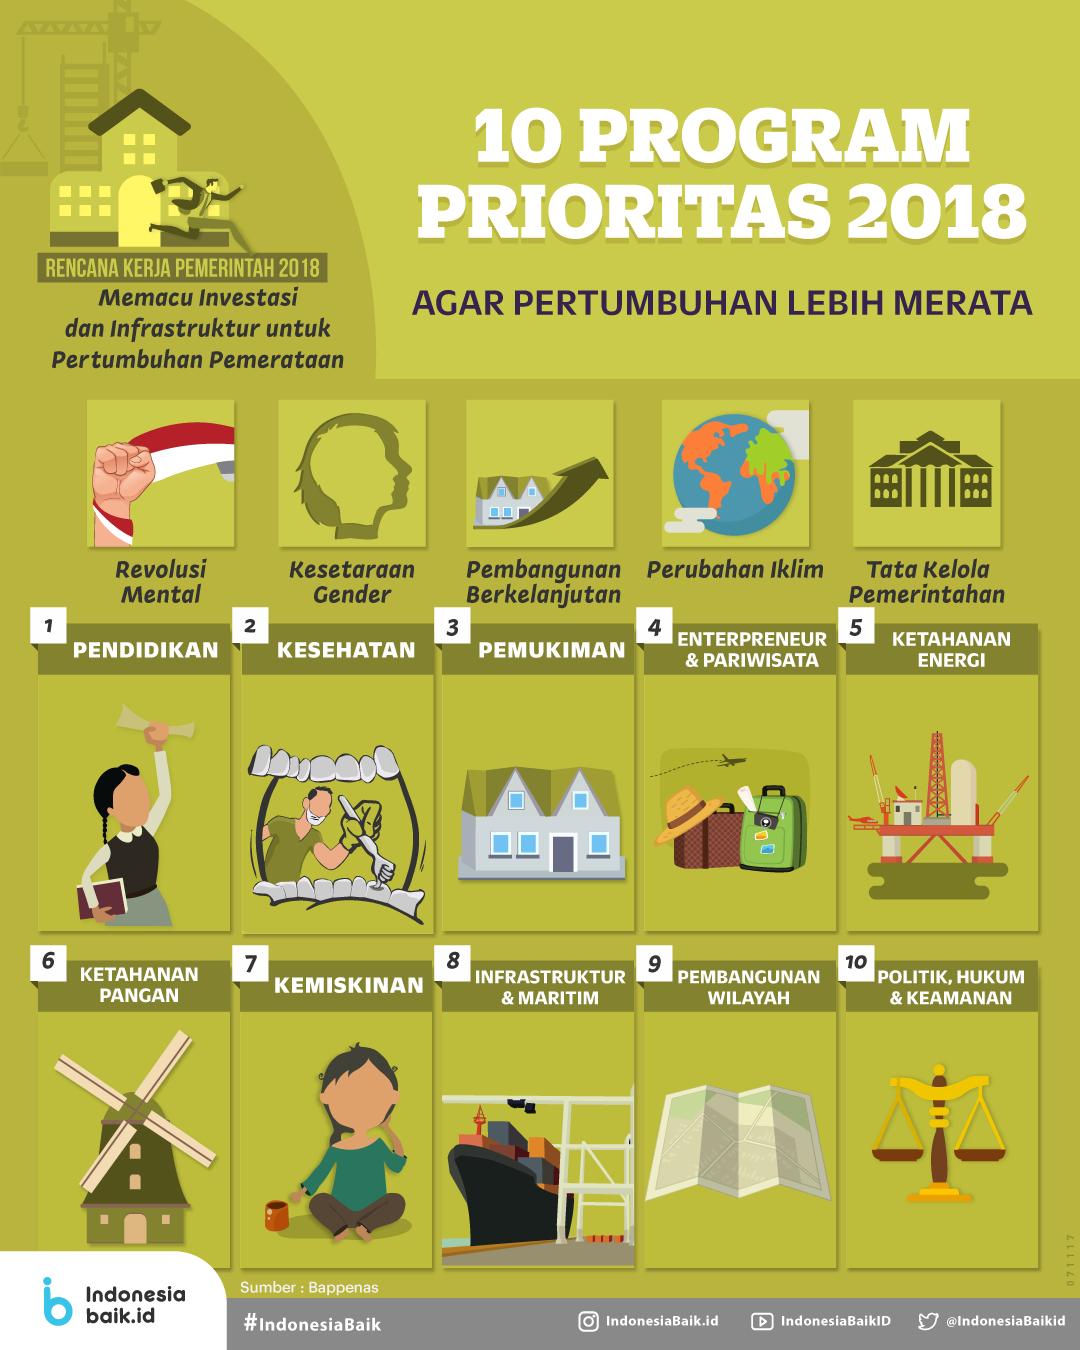 10 Program Prioritas 2018